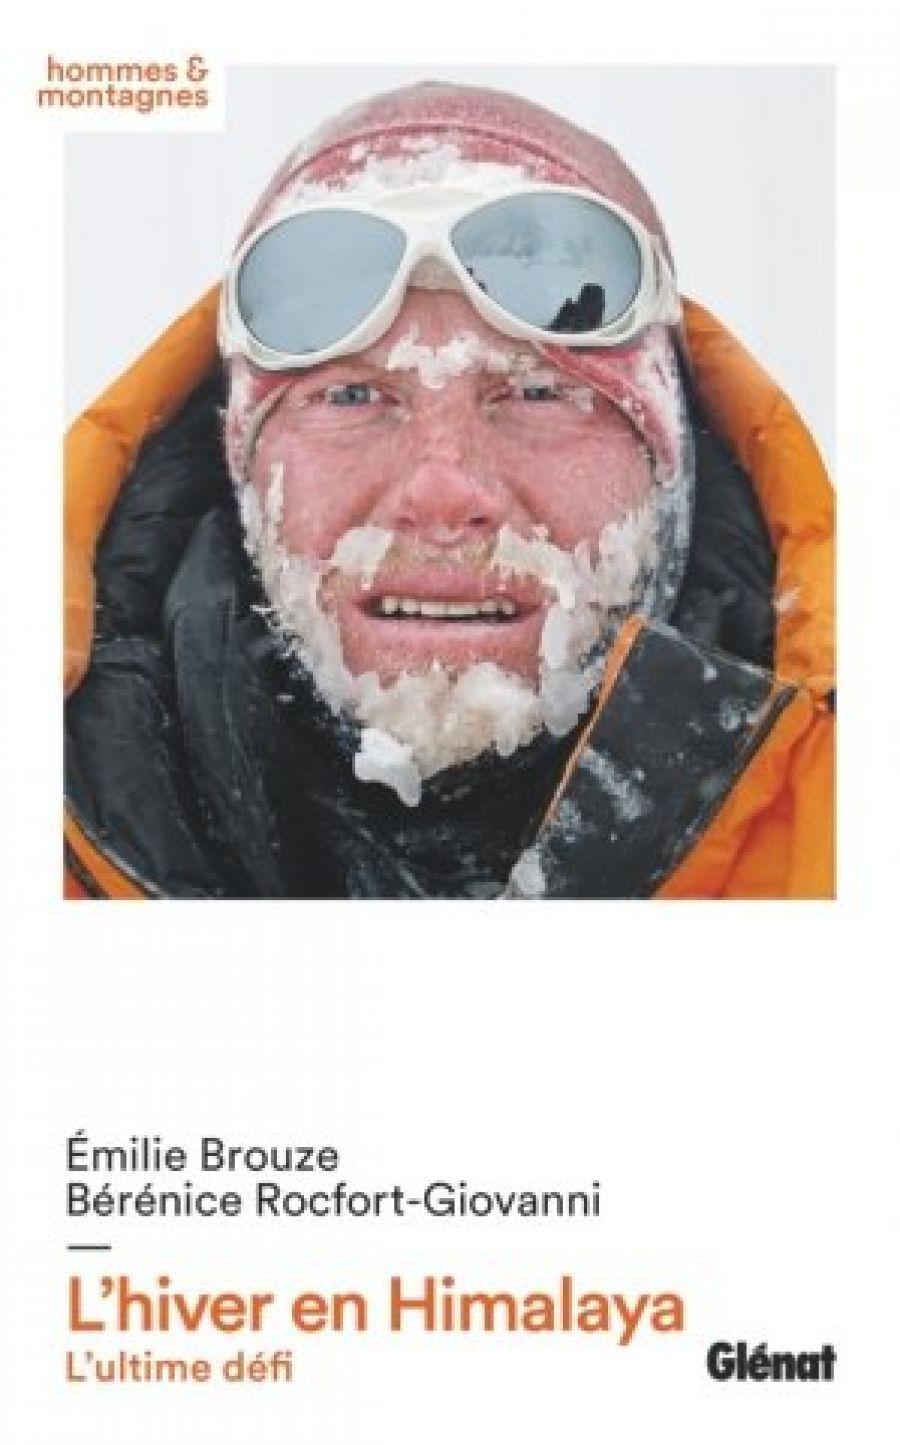 Festival Le printemps de la montagne - Apéro littéraire : Emilie Brouze & Bérénice Rocfort-Giovanni / L'hiver en Himalaya, l'ultime défi